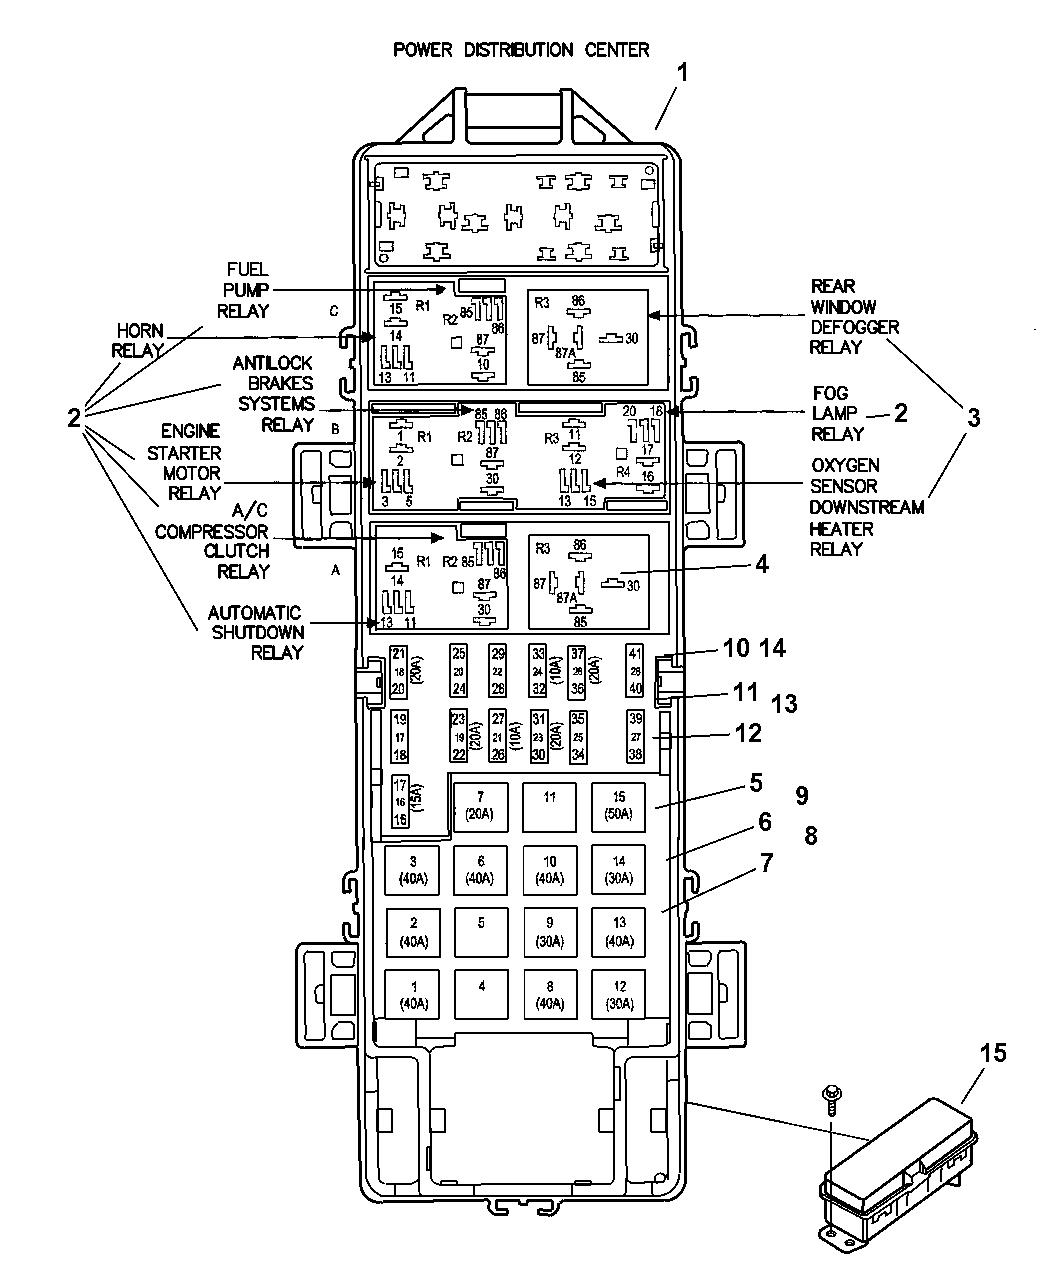 2007 Jeep Wrangler Power Distribution Center Relay  U0026 Fuses